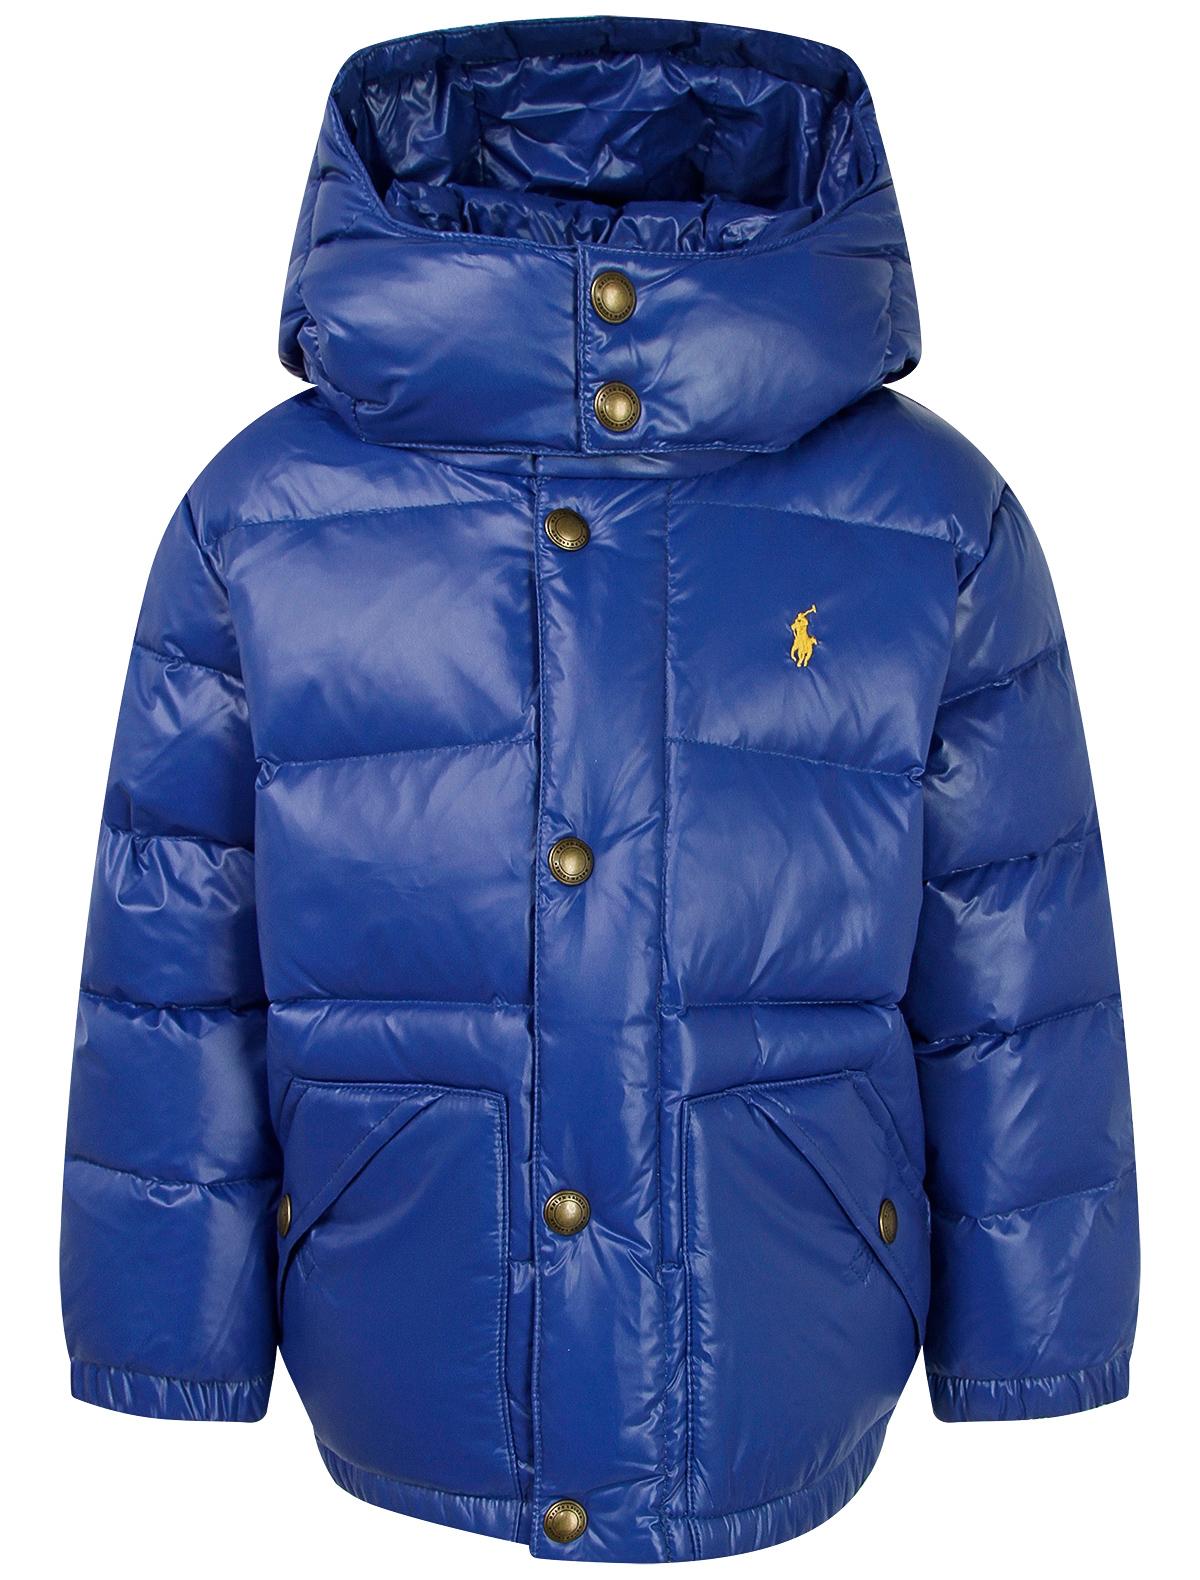 Купить 2263609, Куртка Ralph Lauren, синий, Мужской, 1074519083624